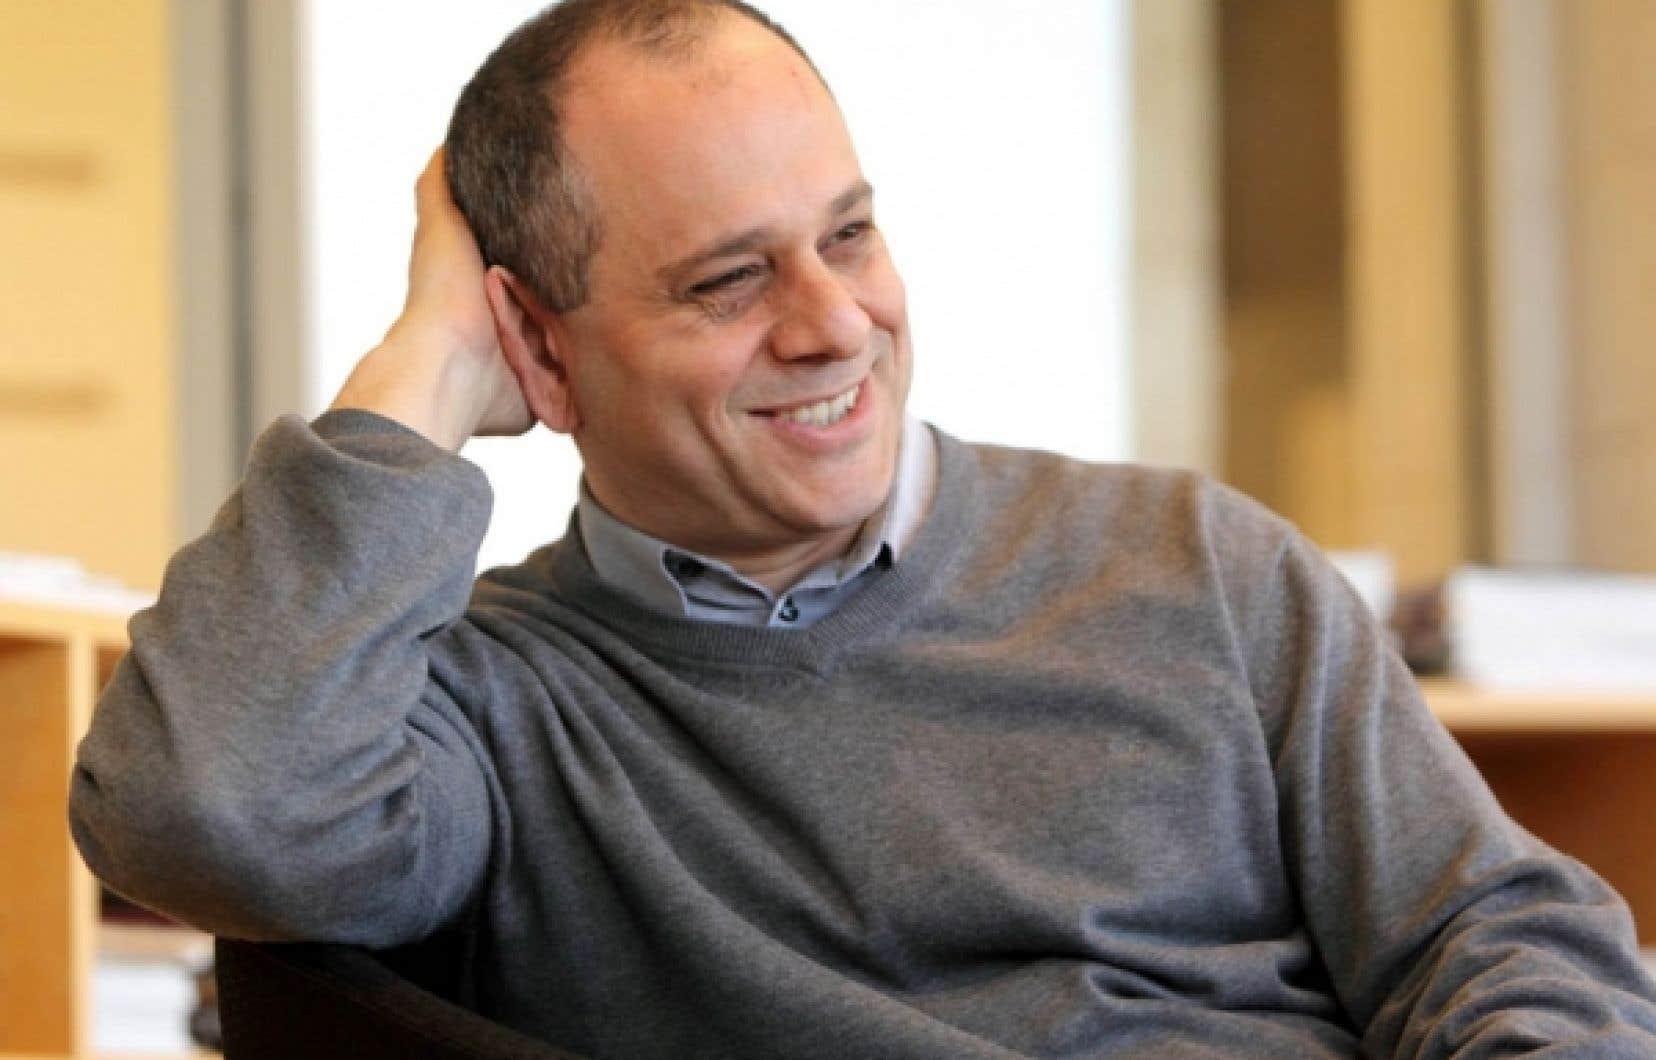 Le Dr Edward Fon, neurologue et directeur du programme de Parkinson à l'Université McGill